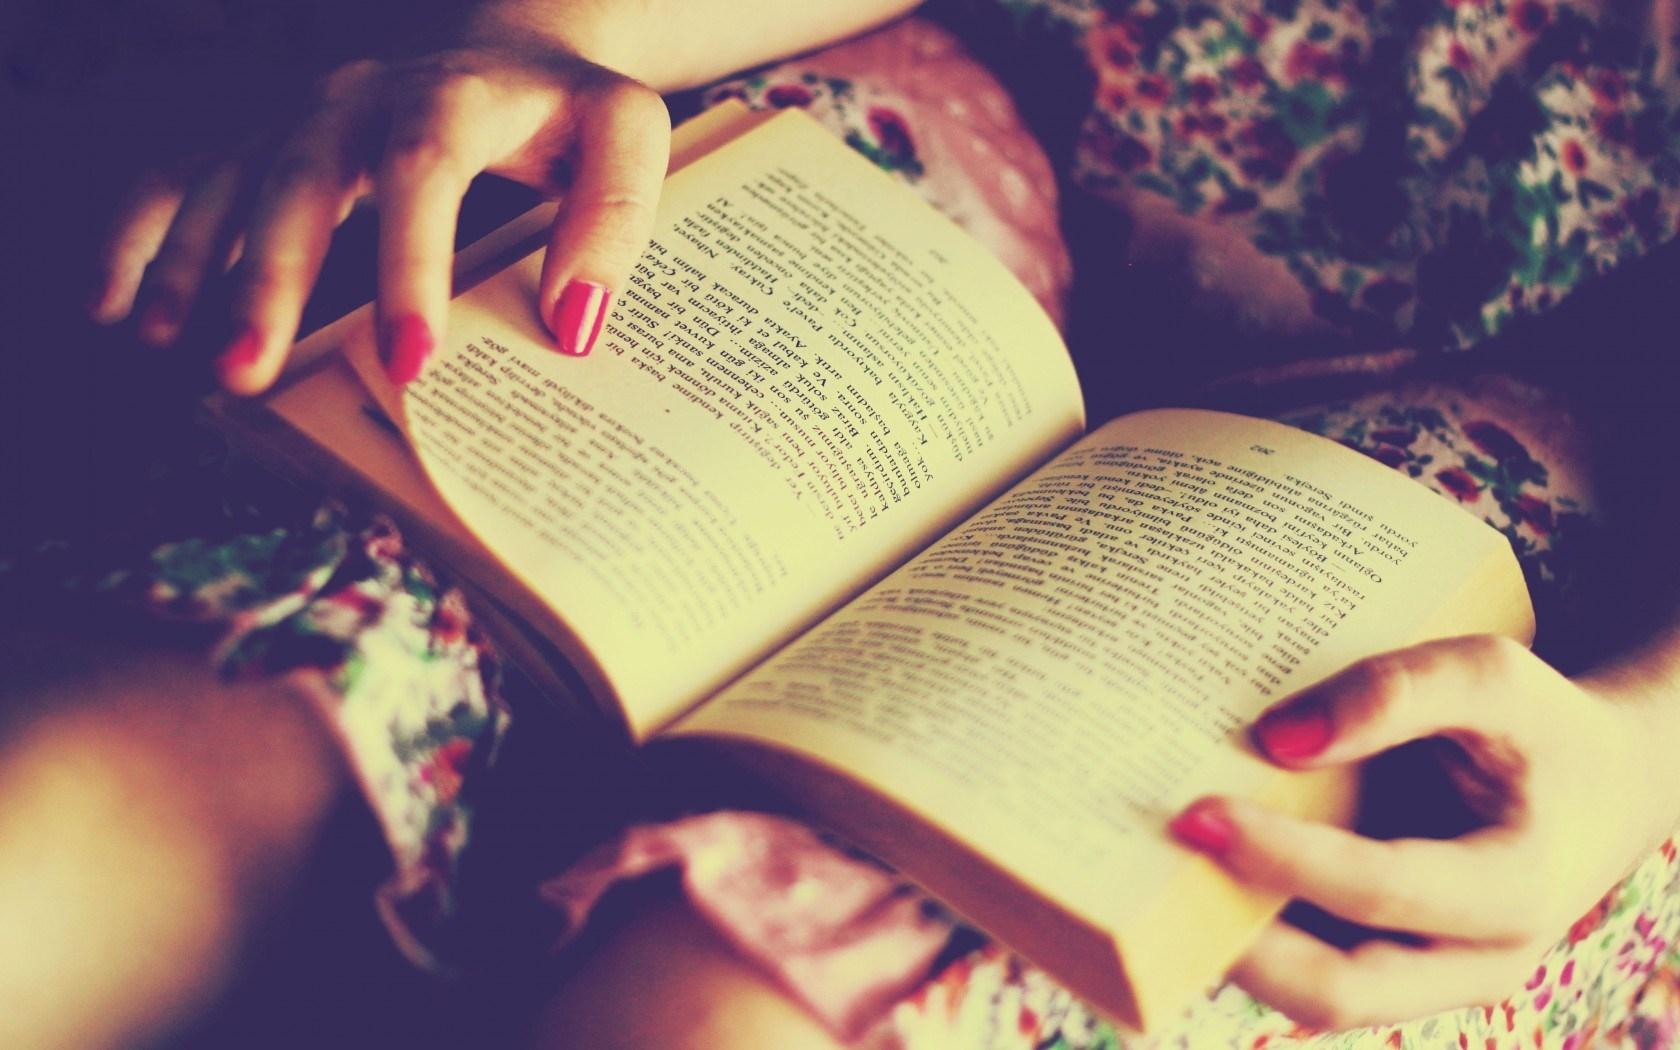 Chuyện tình ta chính là tiểu thuyết